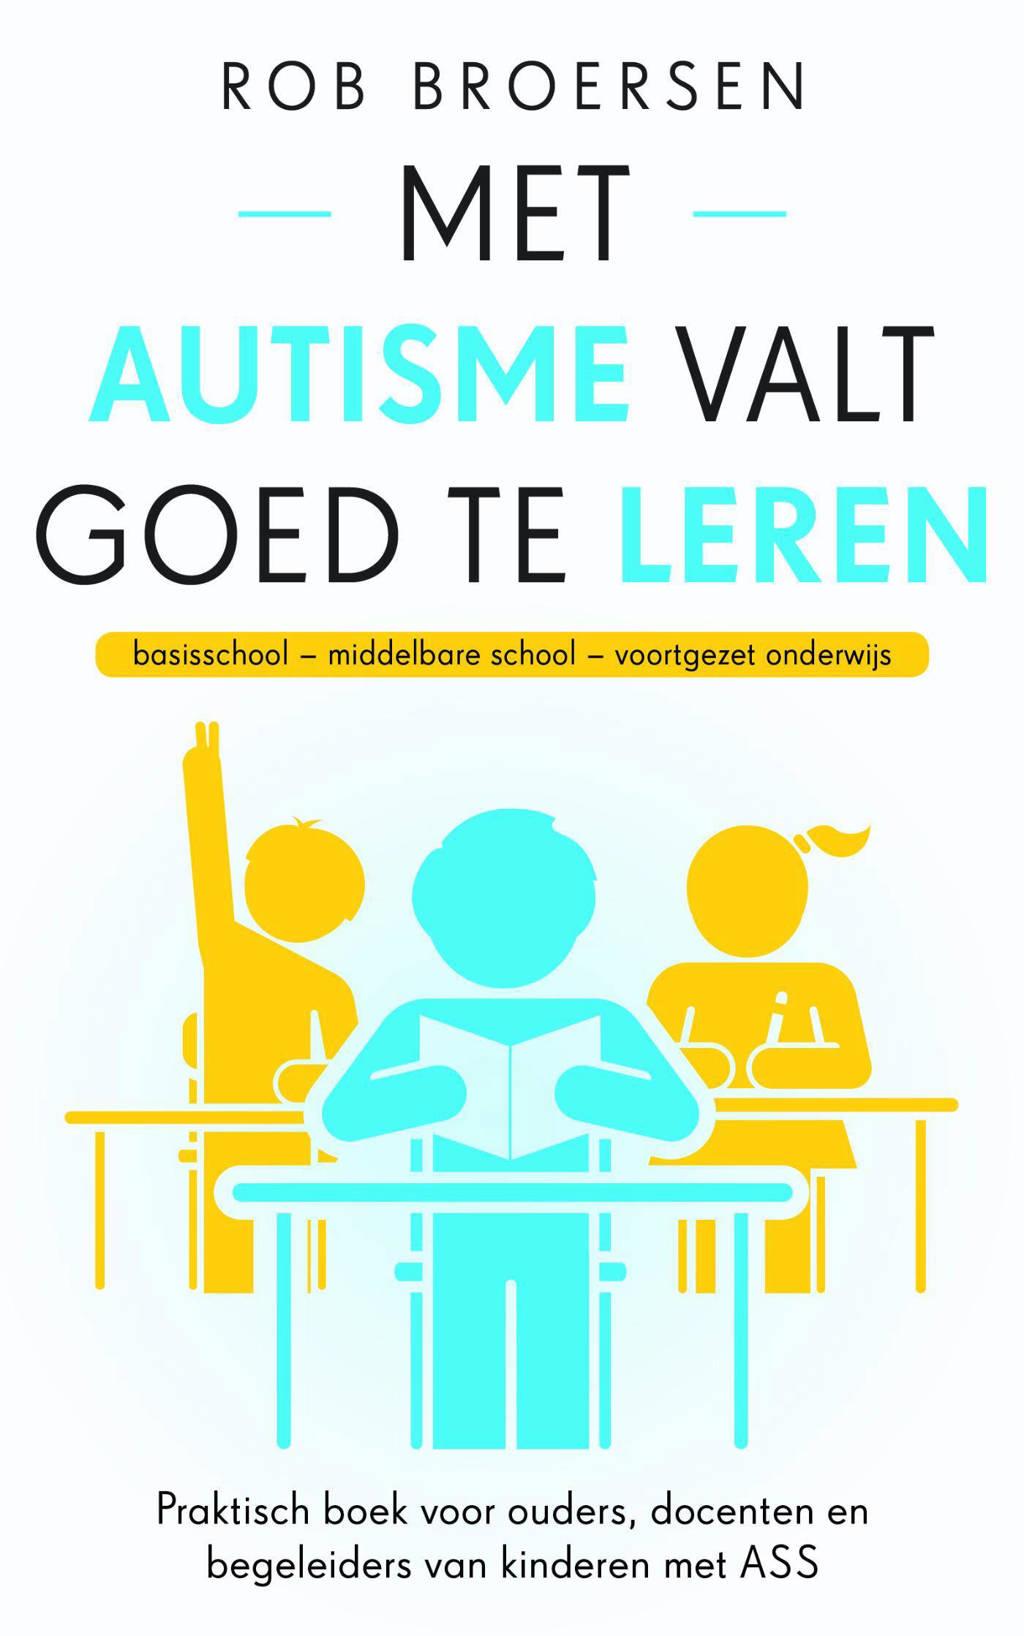 Met autisme valt goed te leren - Rob Broersen